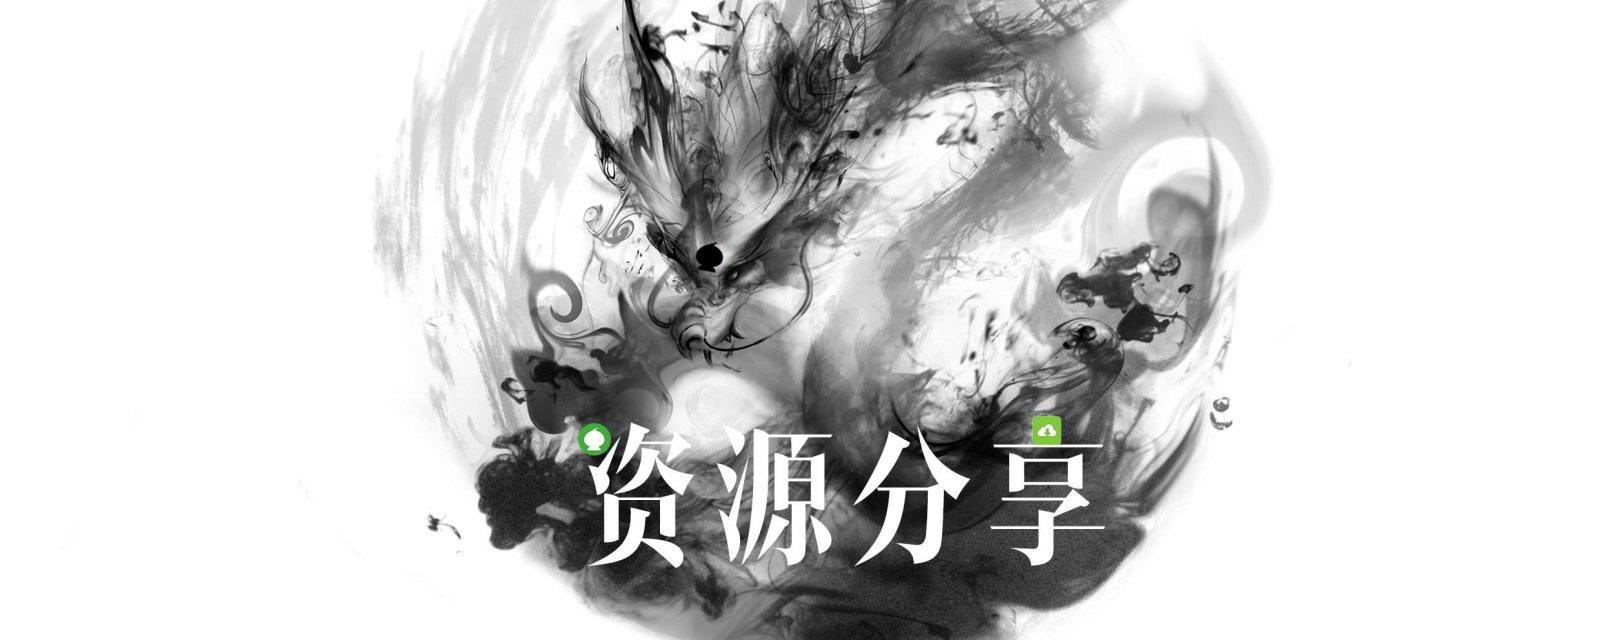 【资源分享】便捷下载(下载更方便欧)